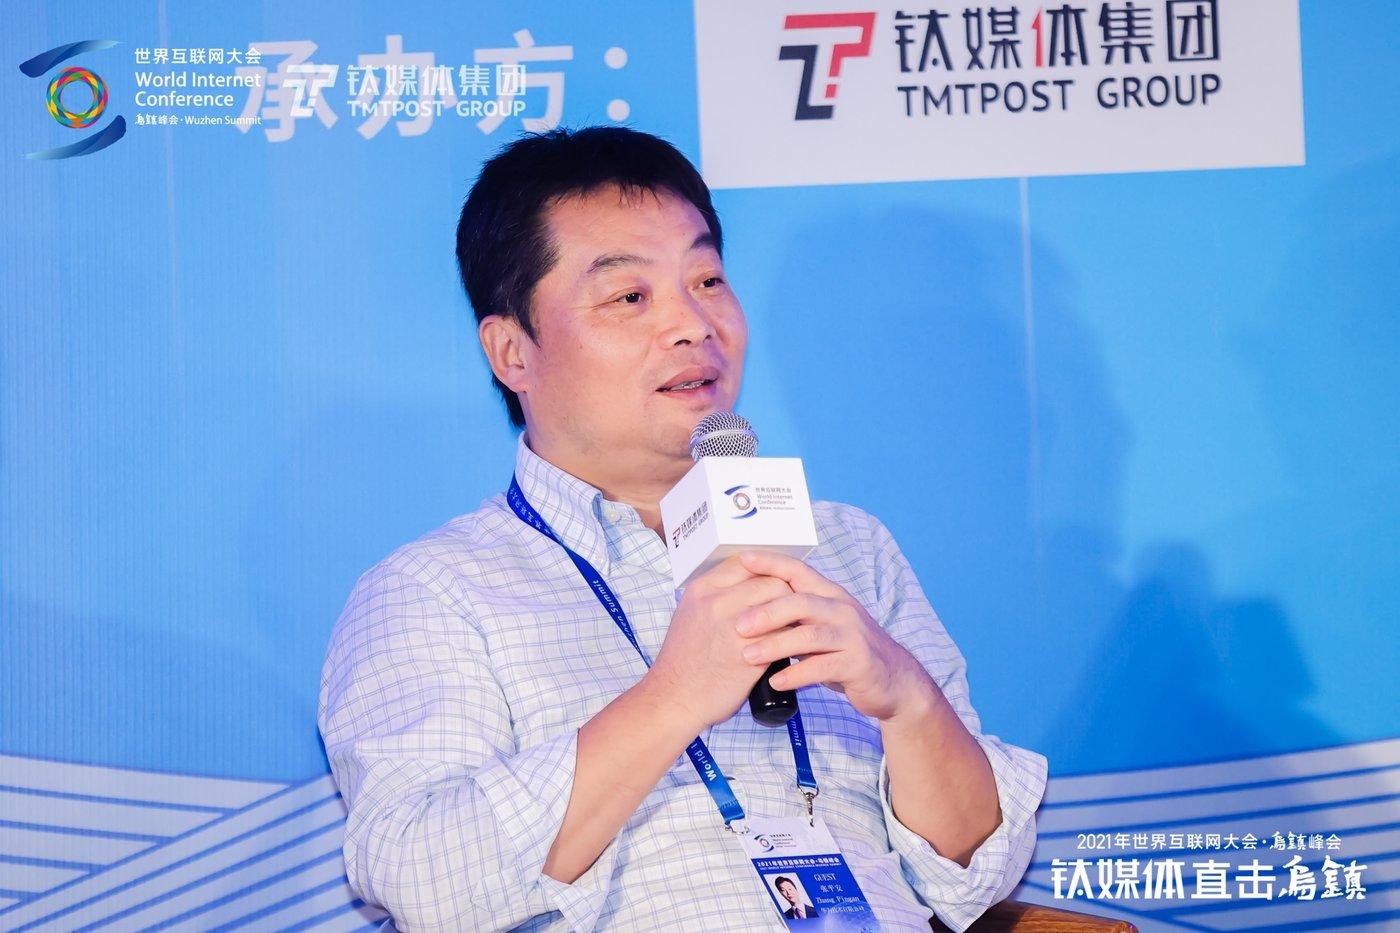 华为公司集团副总裁、华为云CEO、消费者云服务部总裁张平安